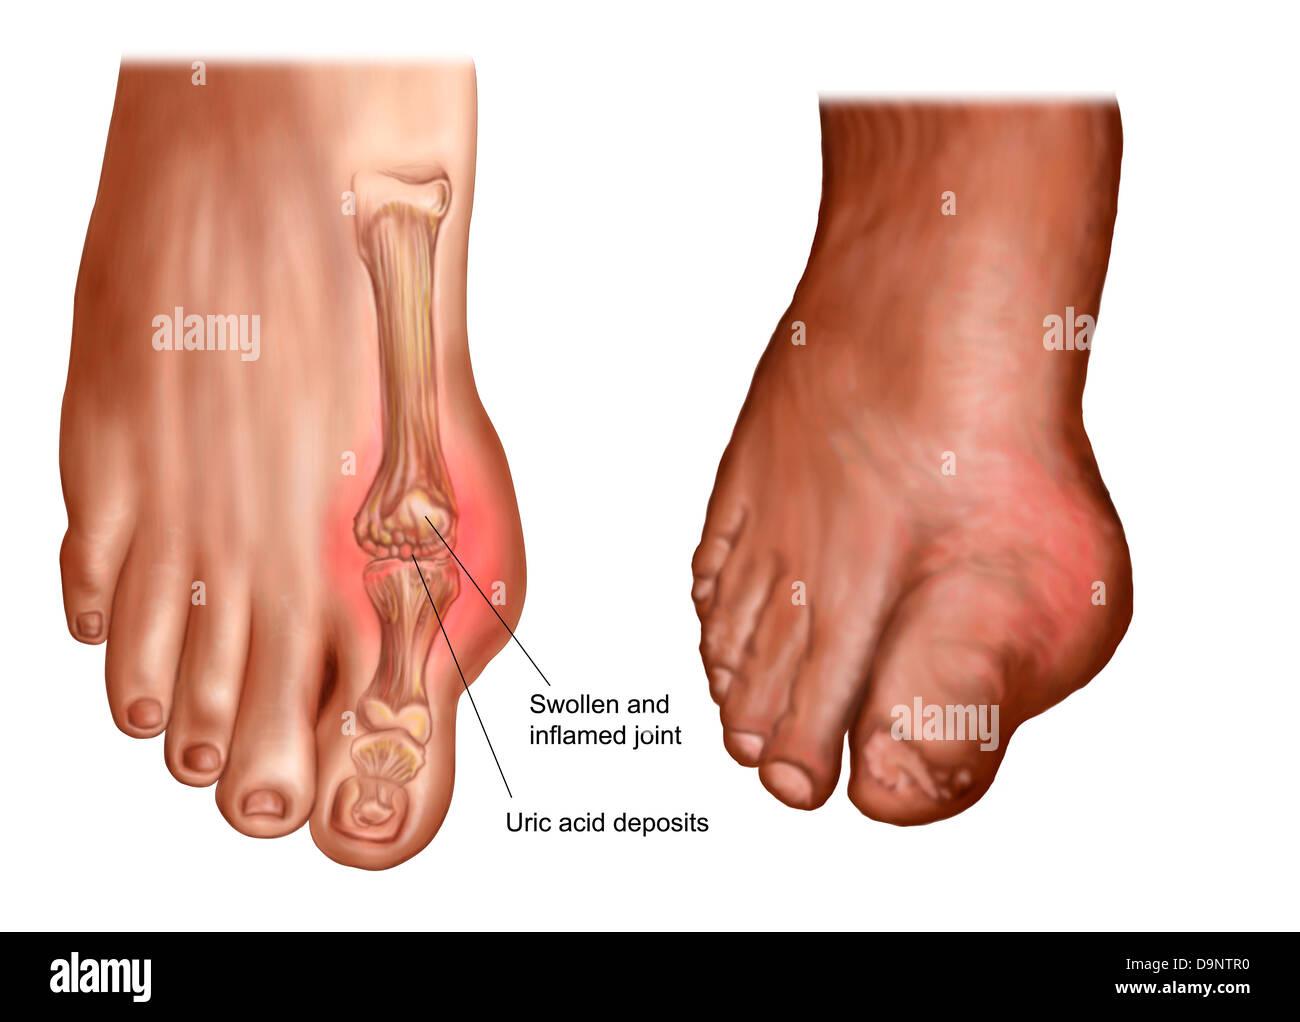 Anatomie von einem geschwollenen Fuß Stockfoto, Bild: 57643460 - Alamy